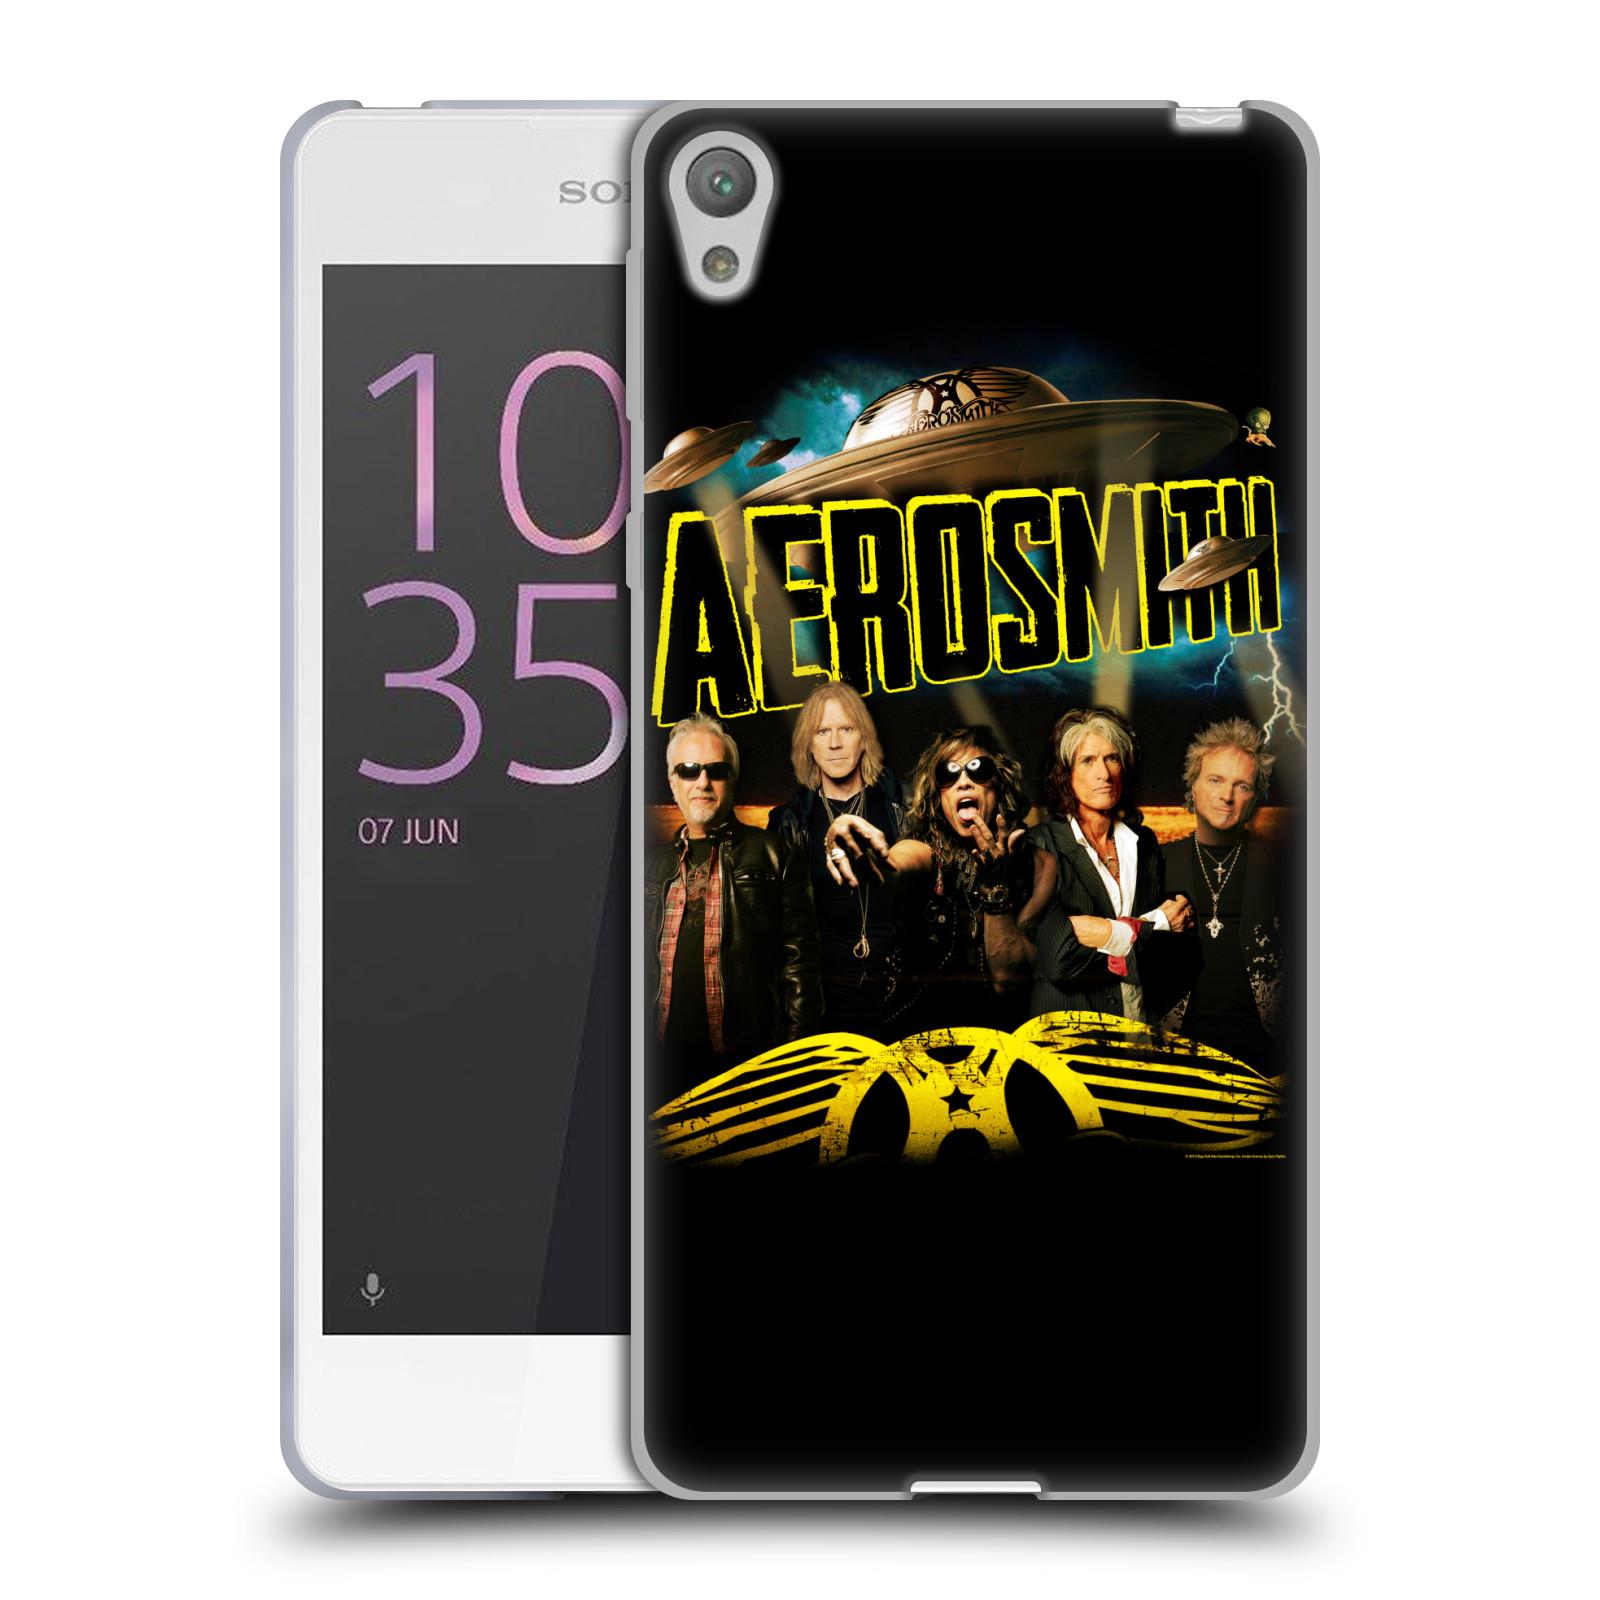 Silikonové pouzdro na mobil Sony Xperia E5 HEAD CASE - Aerosmith - Global Warming (Silikonový kryt či obal na mobilní telefon s licencovaným motivem Aerosmith pro Sony Xperia E5 F3311)